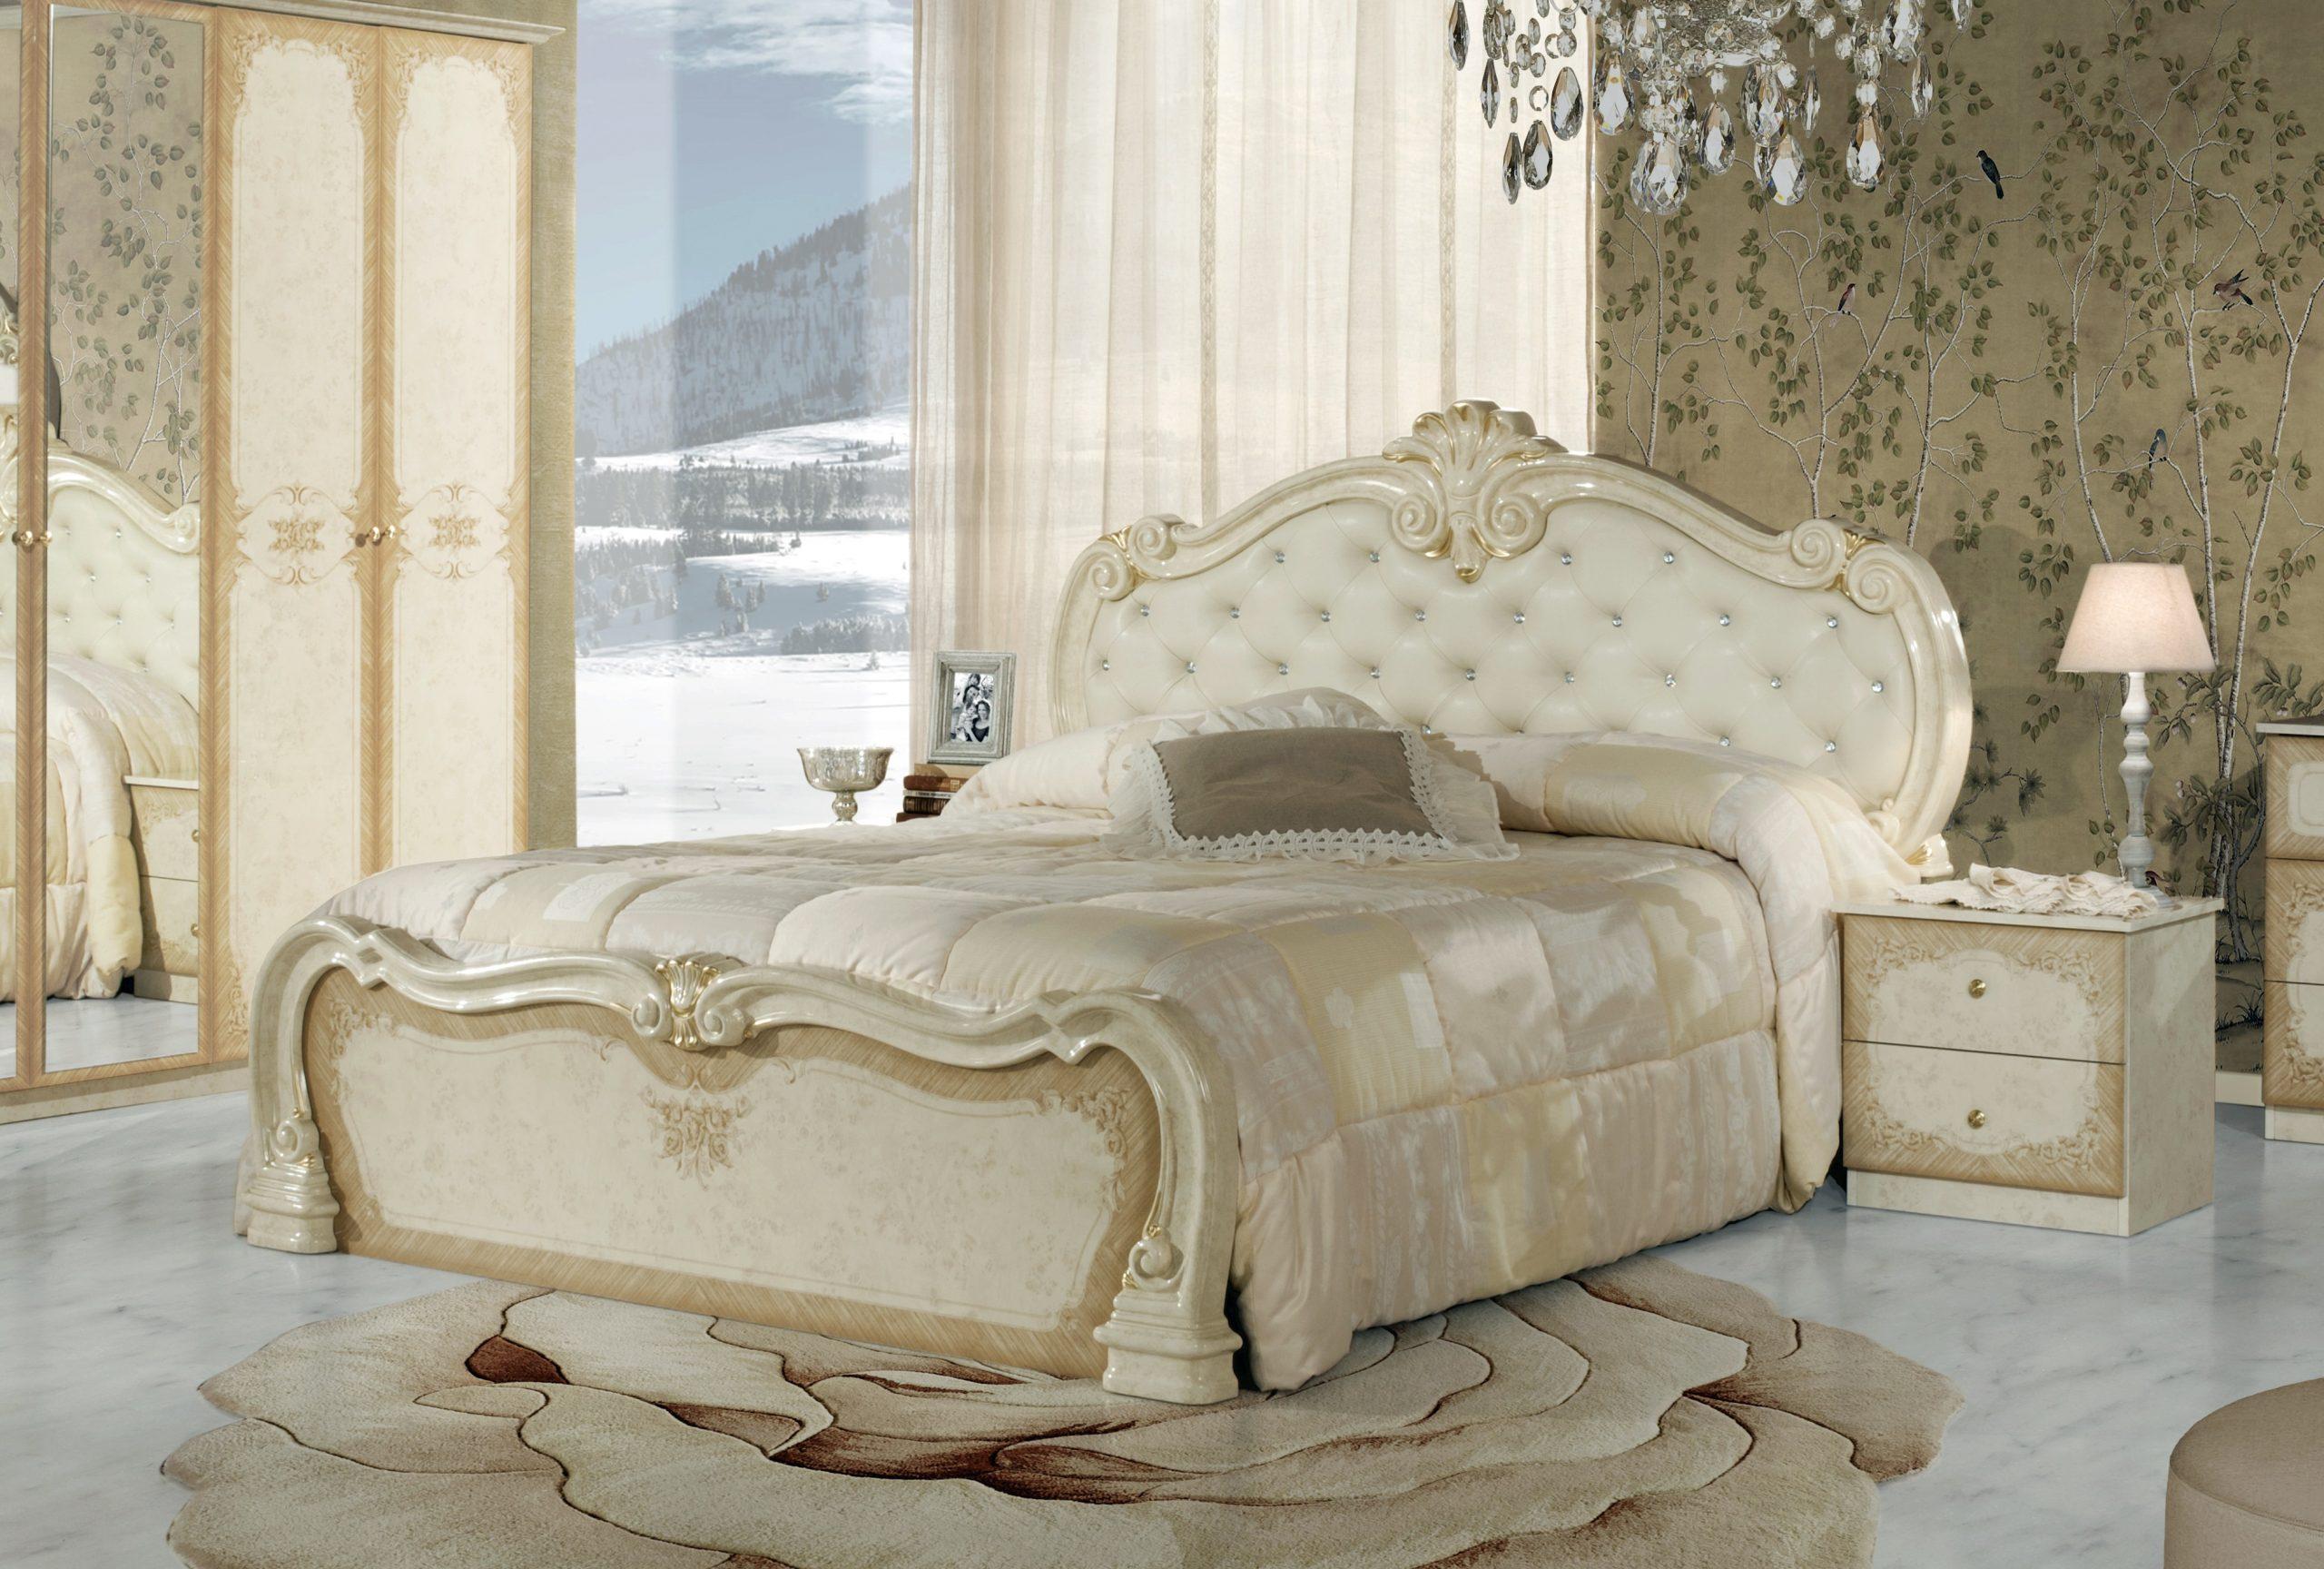 Full Size of Barock Bett Toulouse 160x200cm In Beige Gold Ebay Außergewöhnliche Betten Mit Bettkasten 140x200 Jabo 200x180 Weiße Schwarz Weiß Hamburg Billige Home Bett Barock Bett